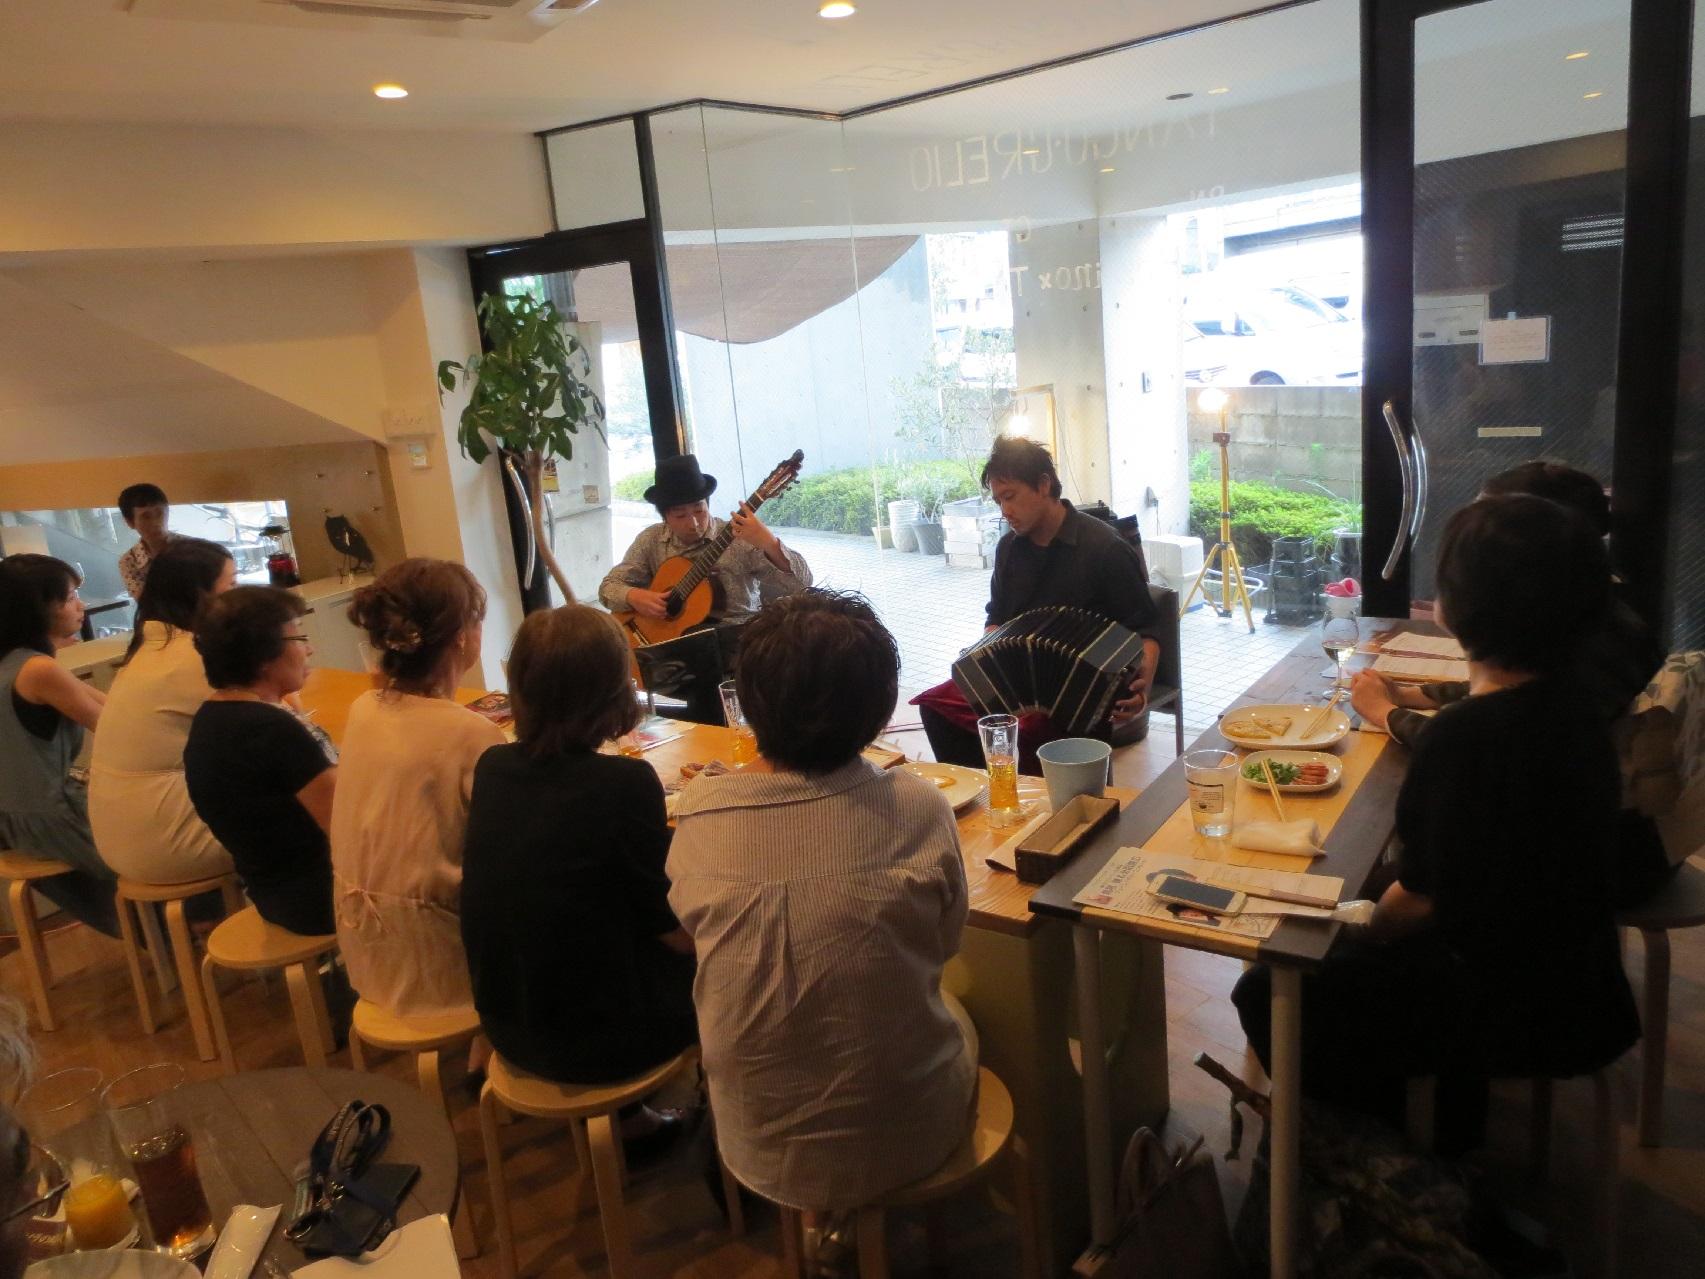 豊中市 ギター&バンドネオン